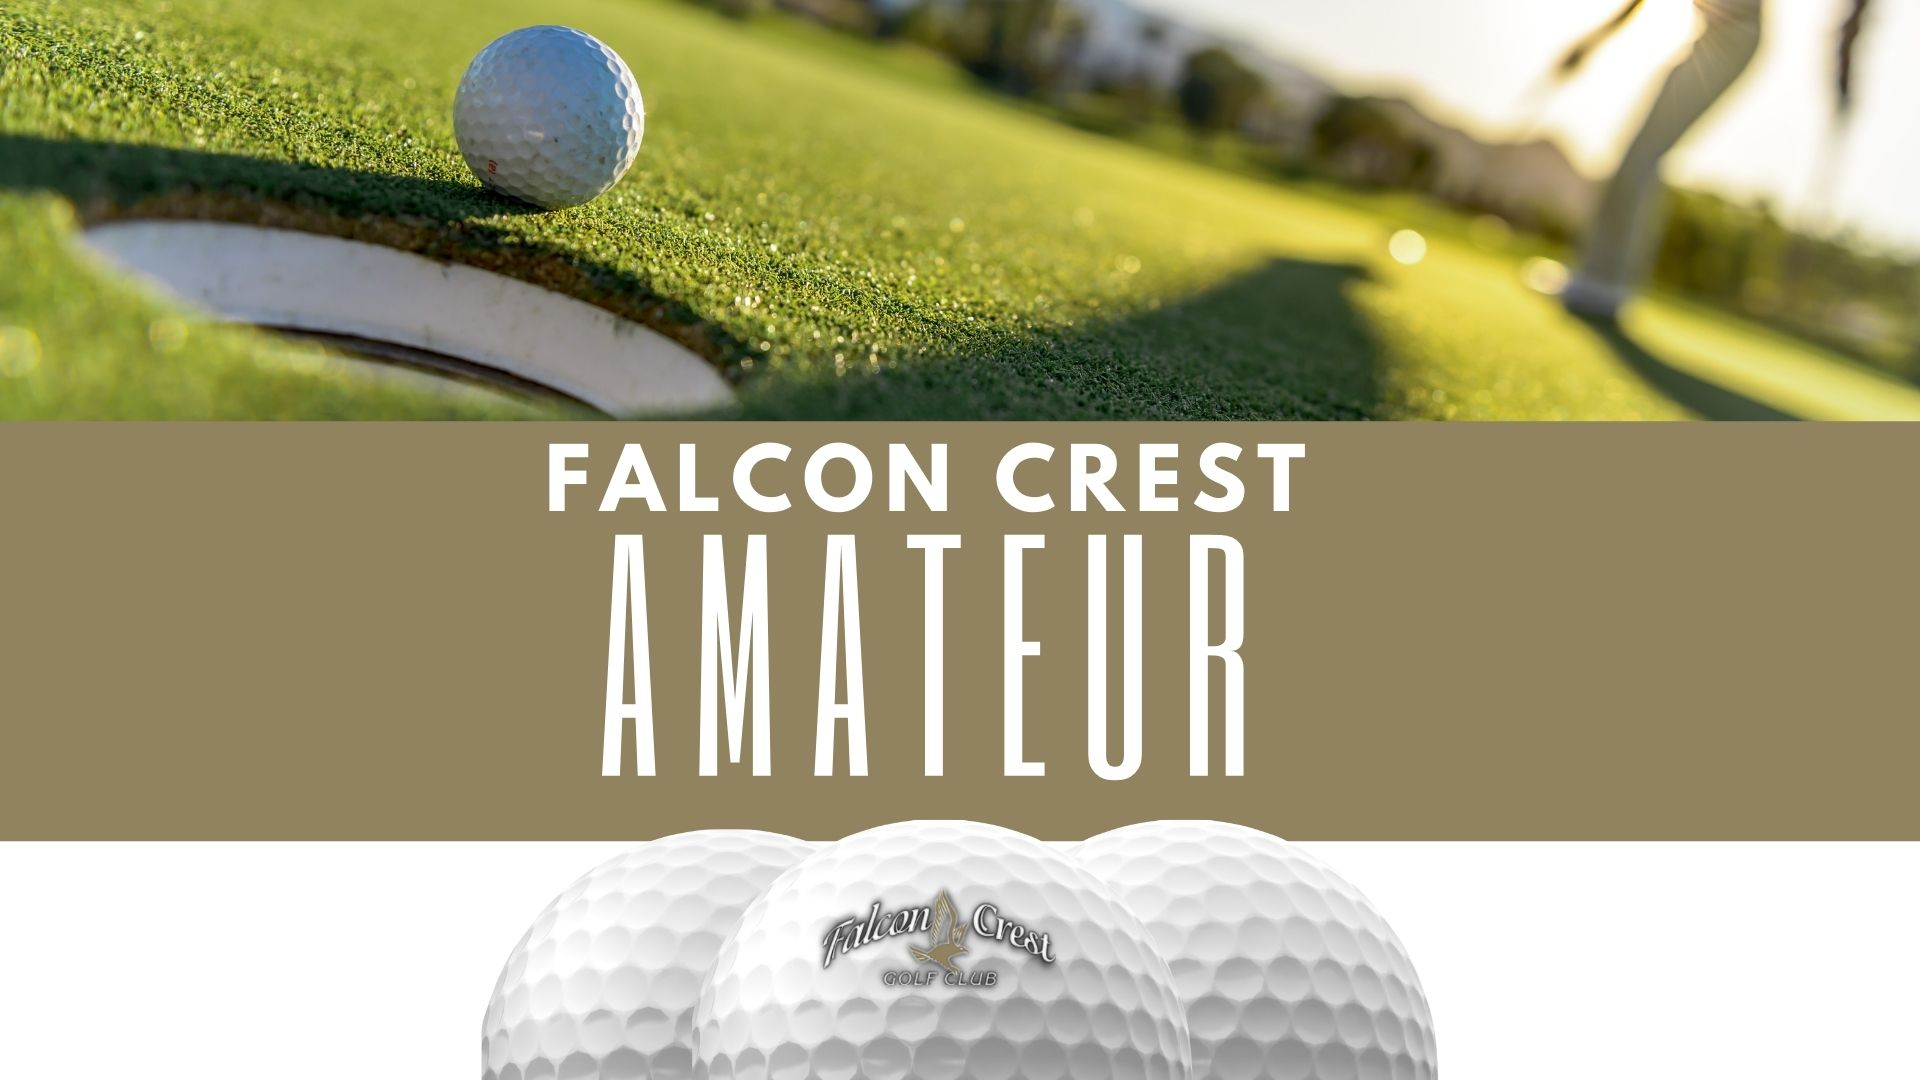 Falcon Crest Amateur